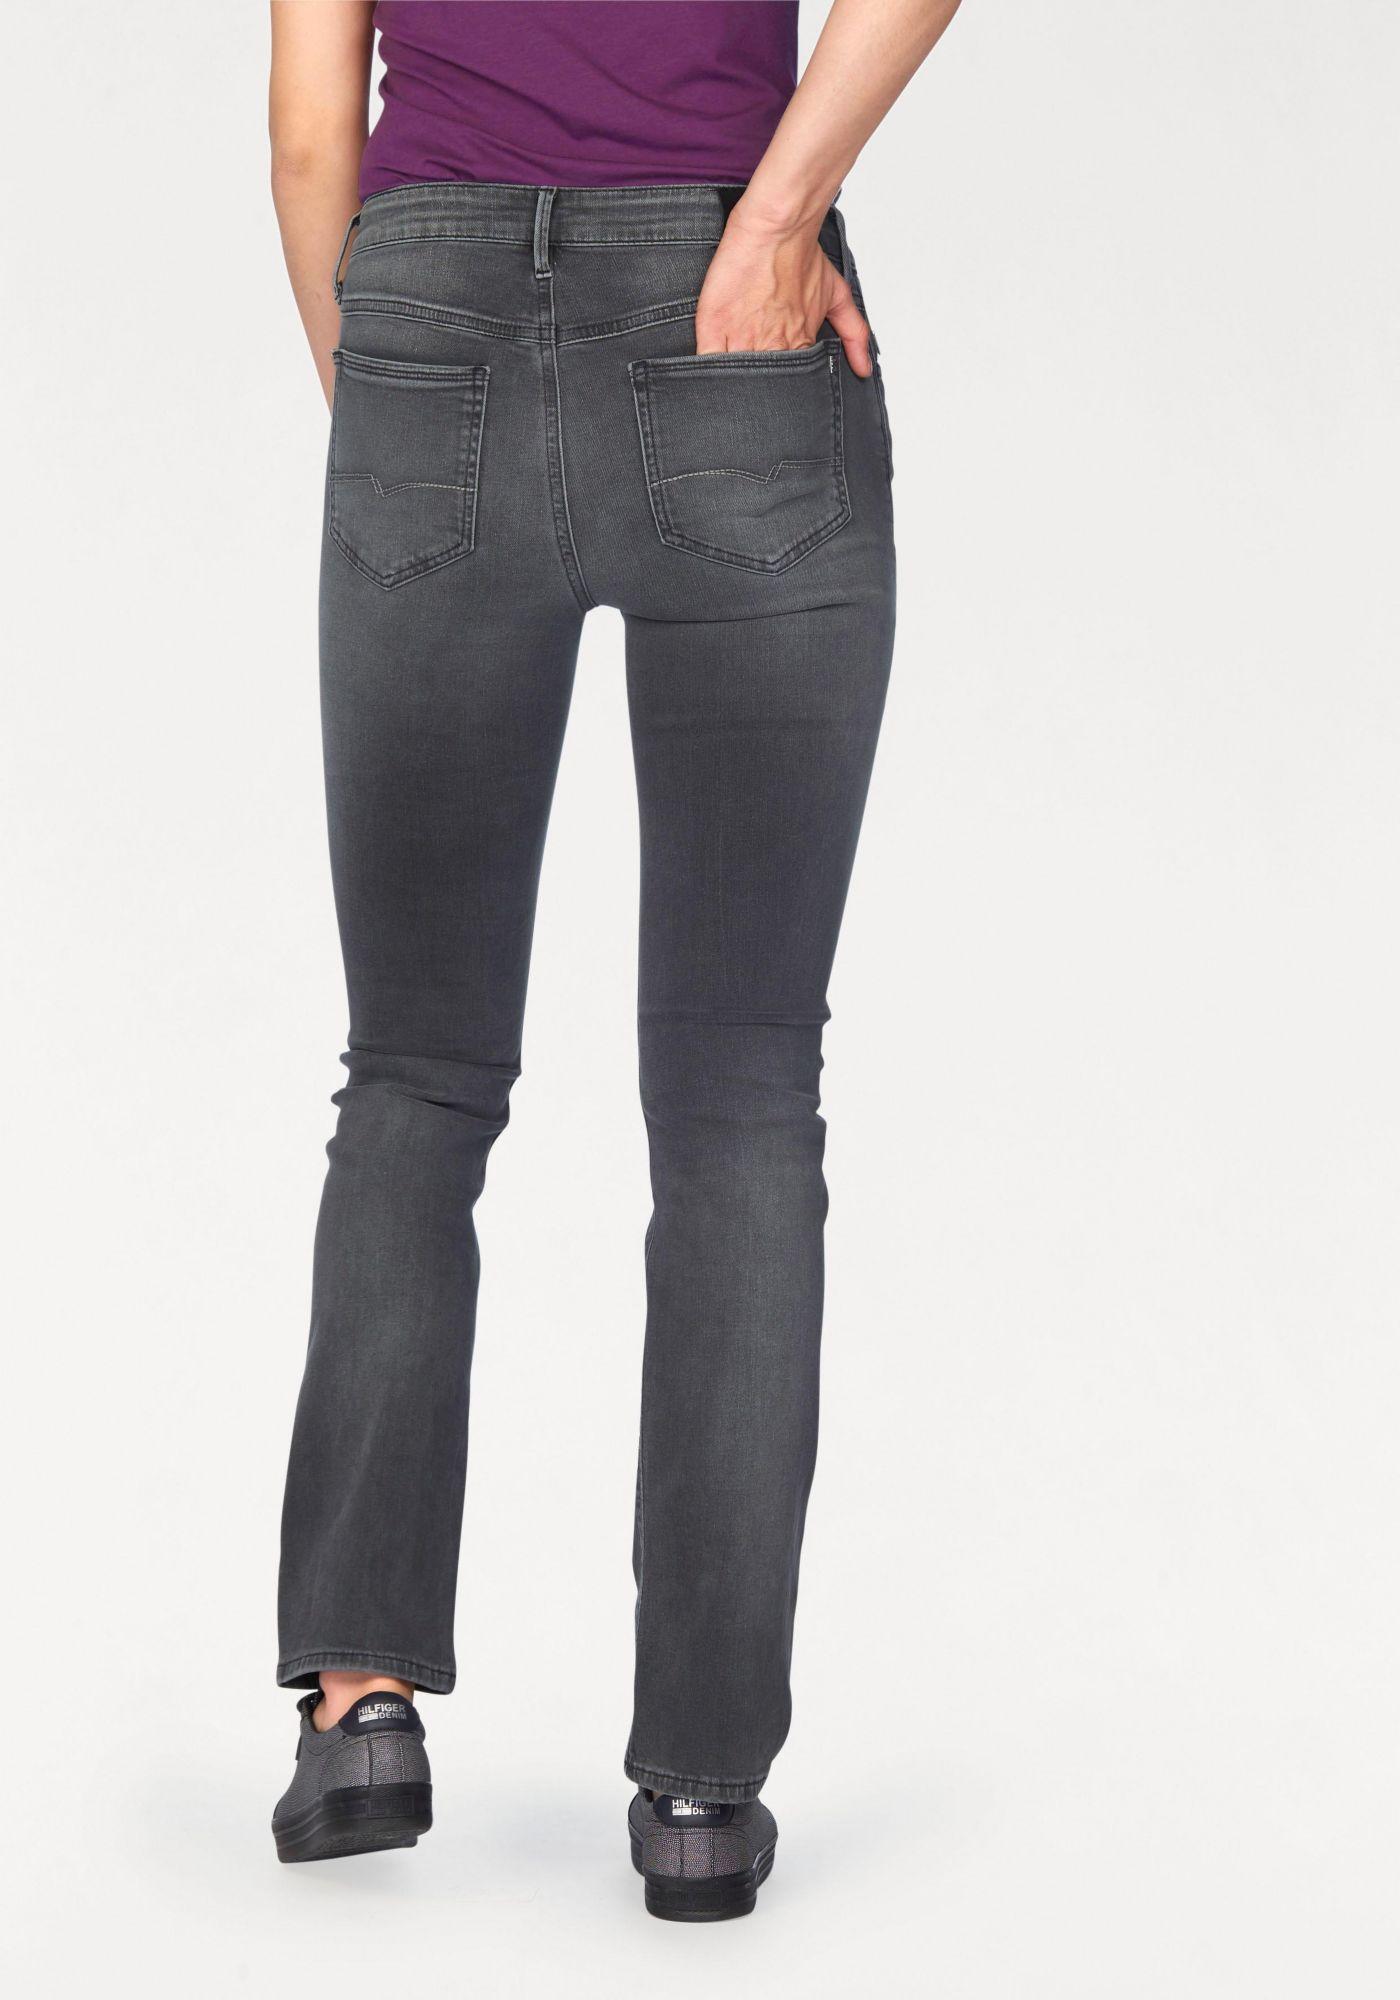 BOGNER JEANS Bogner Jeans 5-Pocket-Jeans »Supershape«